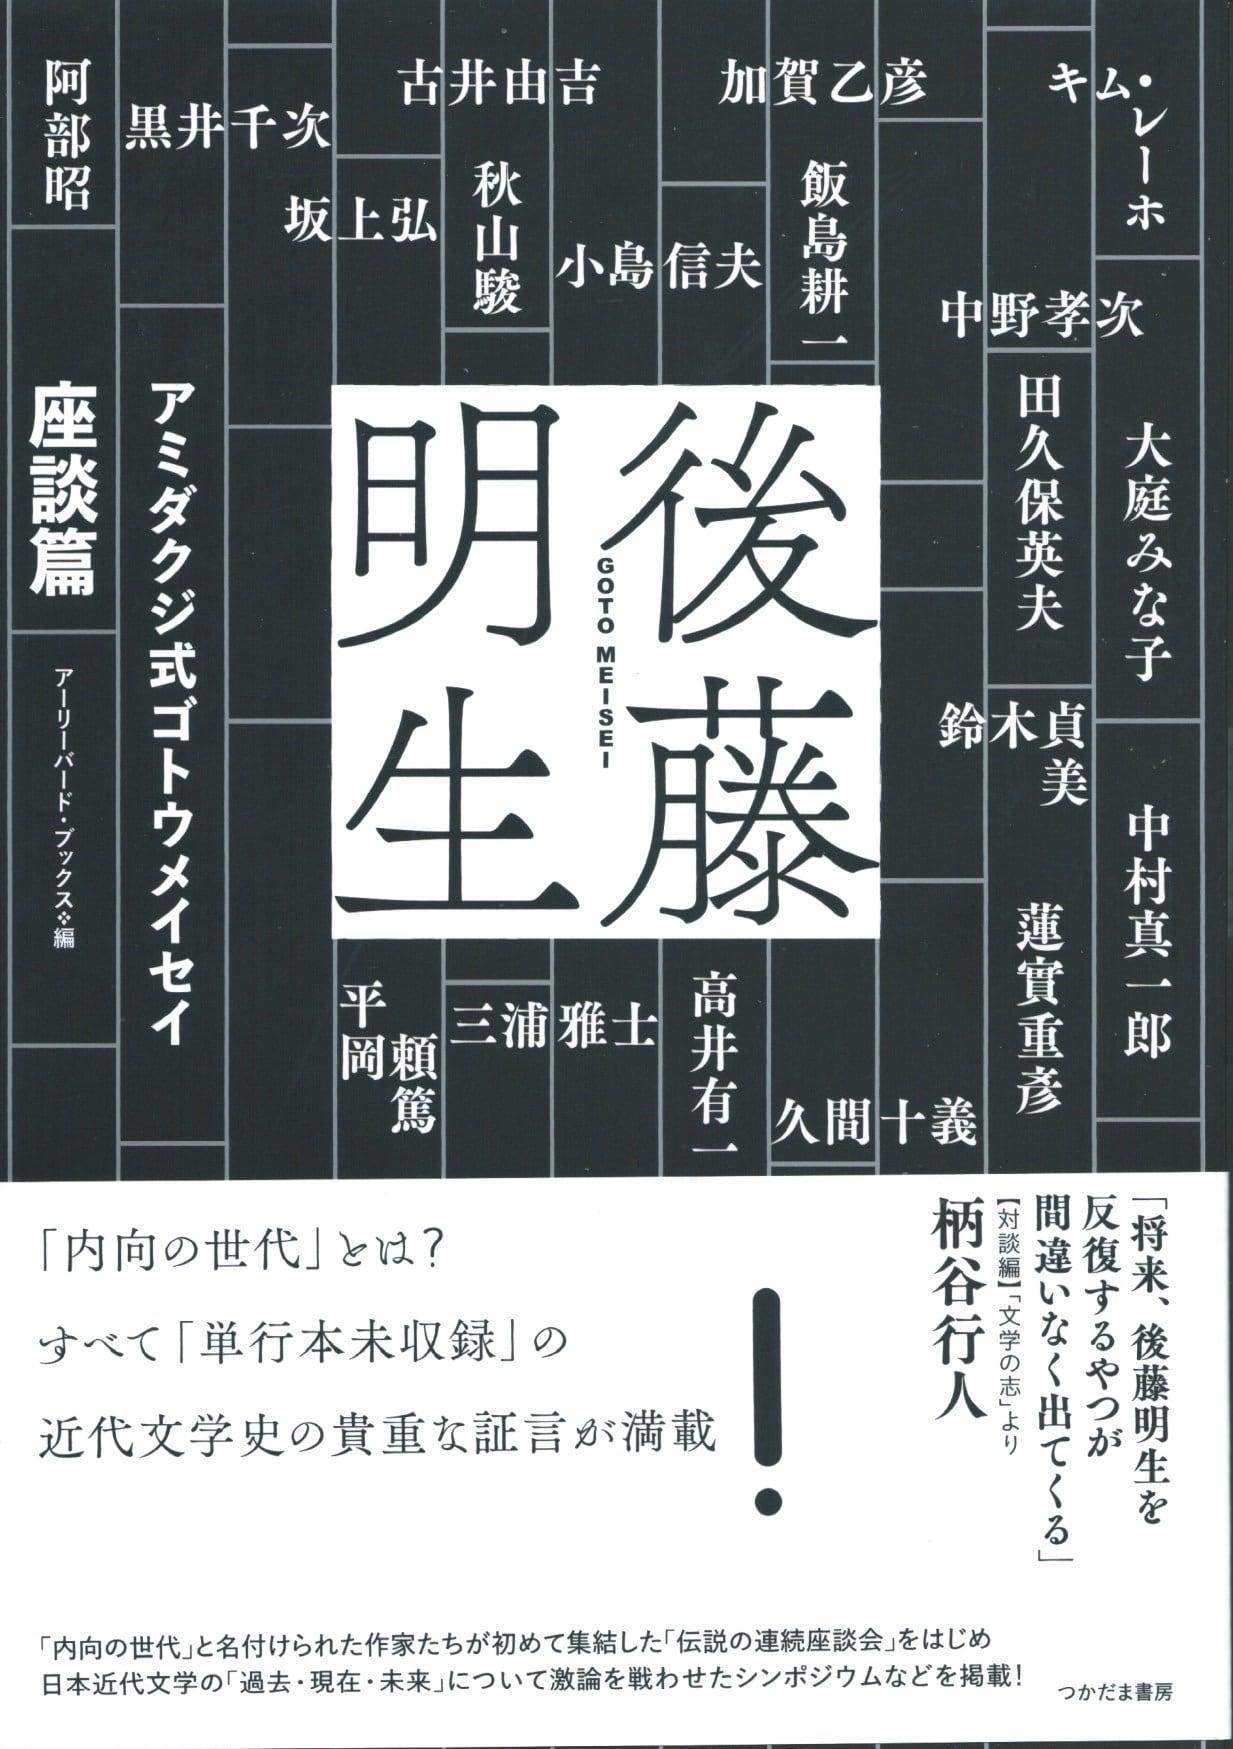 アミダクジ式ゴトウメイセイ[座談篇]